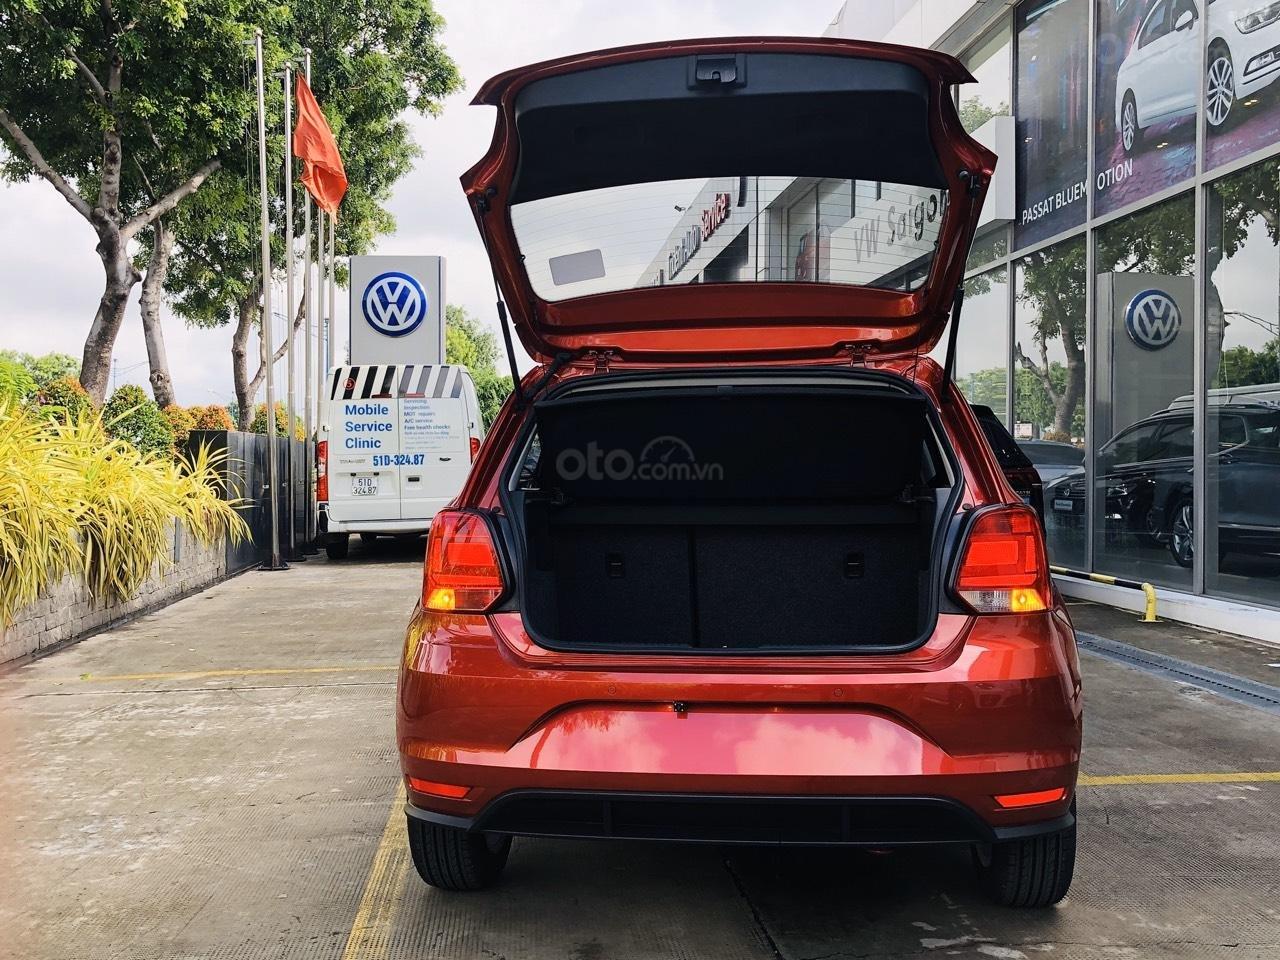 VW Polo Hatchback 2020 màu đỏ Sunset mới lạ đẹp mắt và đầy ấn tượng, ưu đãi bất ngờ. LH ngay 0903.310.412 (7)